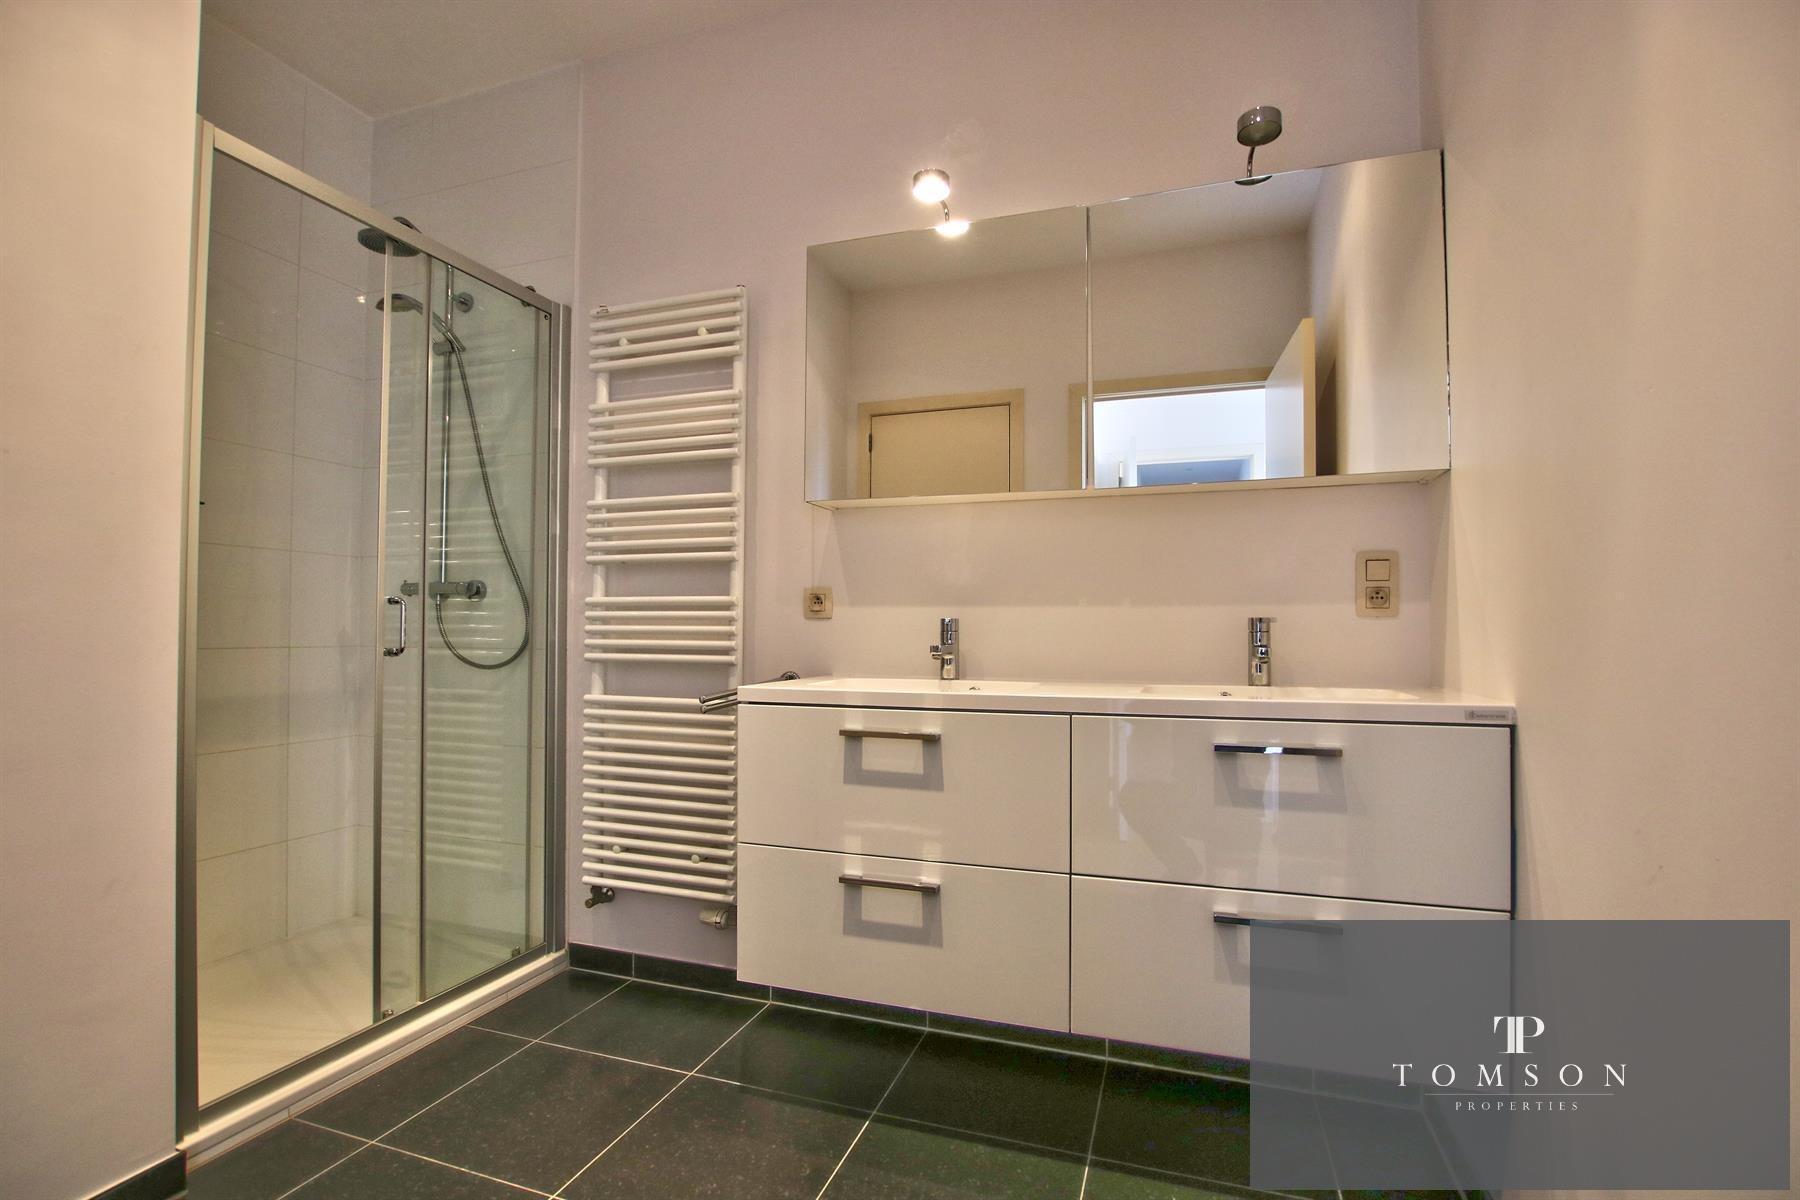 Appartement exceptionnel - Ixelles - #4533638-17